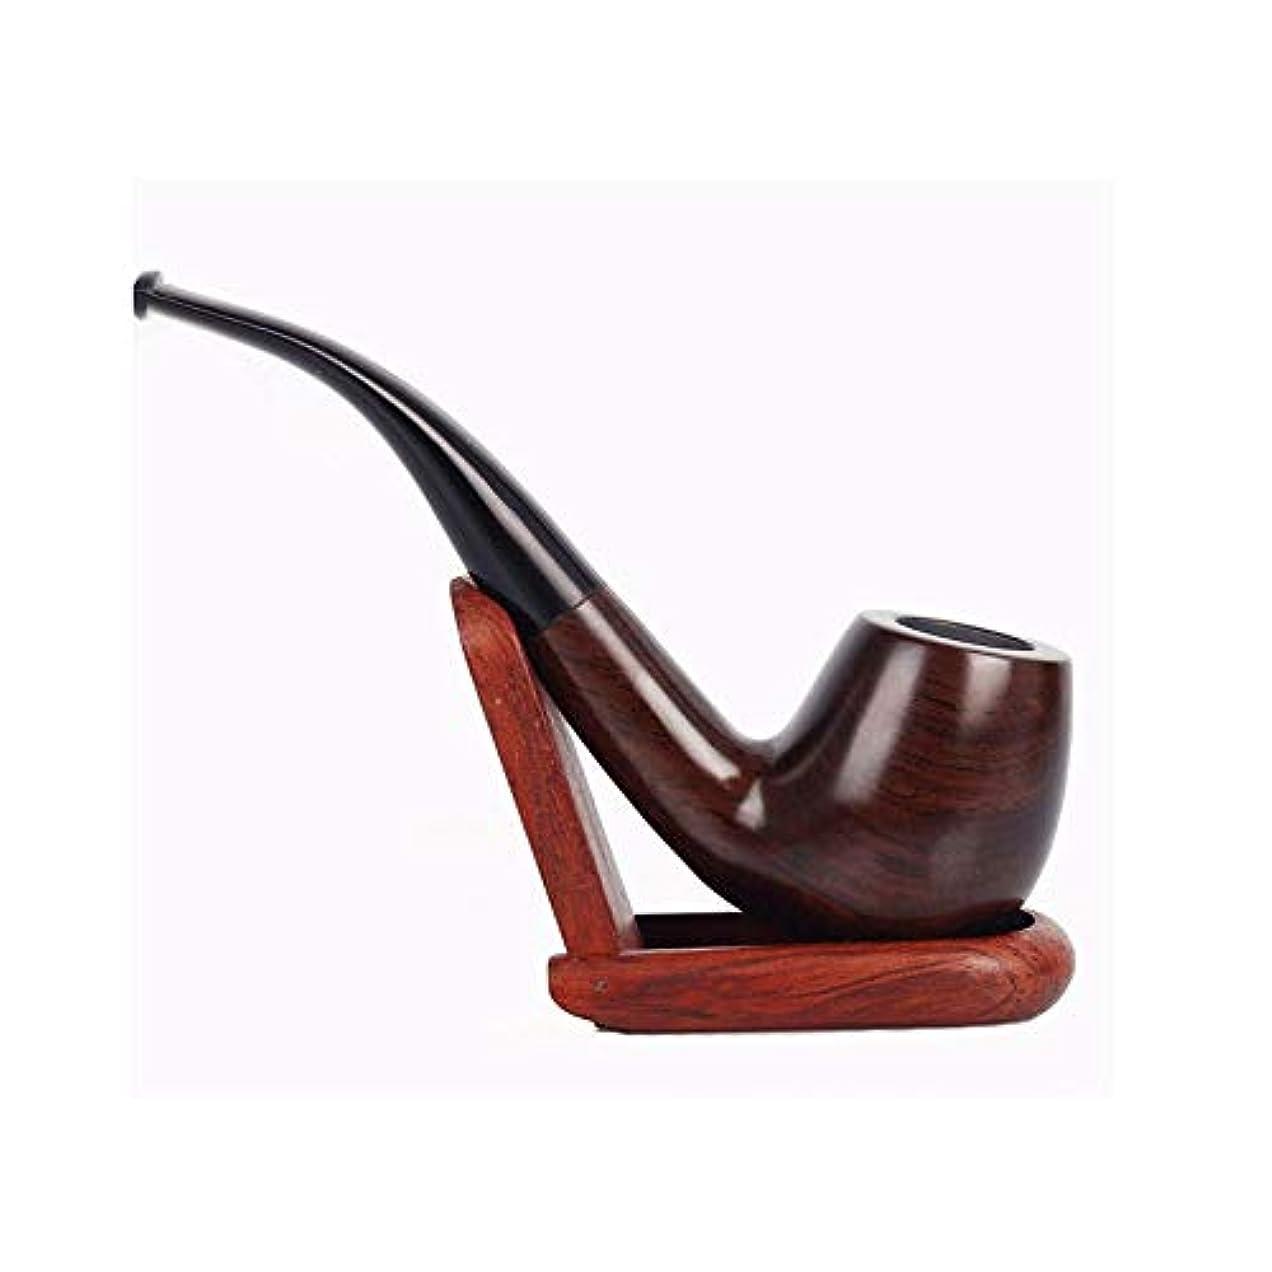 アクセシブル挨拶する偽善者SHENGSHIHUIZHONG 黒と黒檀のパイプ、手彫りの喫煙、湾曲タバコパイプ、フィルターパイプ9 mm、黒檀 最高の贈り物